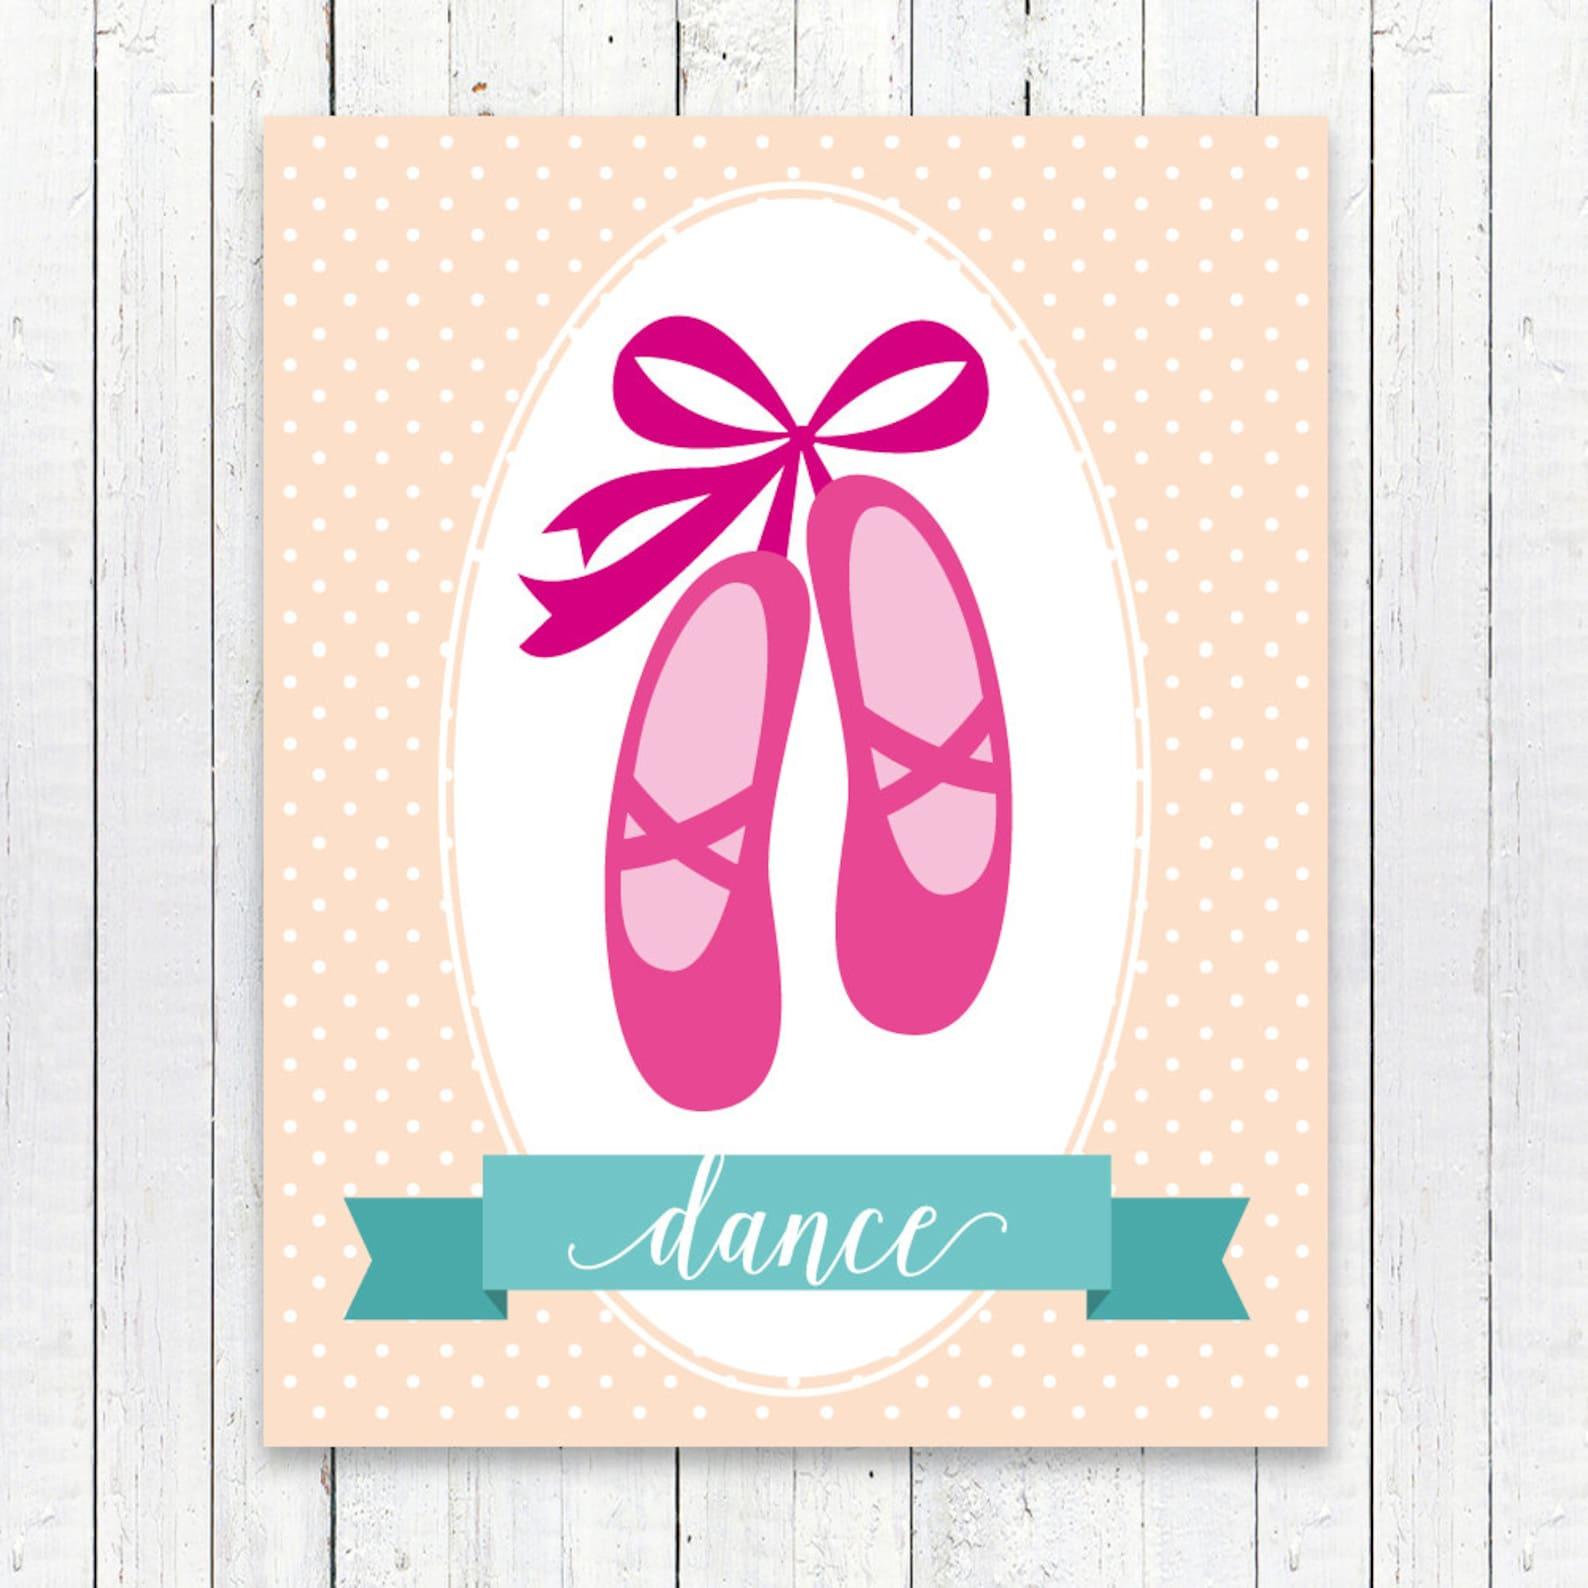 ballet art print, ballet wall print, ballet room art, playroom decor, nursery art, wall decor, children wall art, 8x10 print